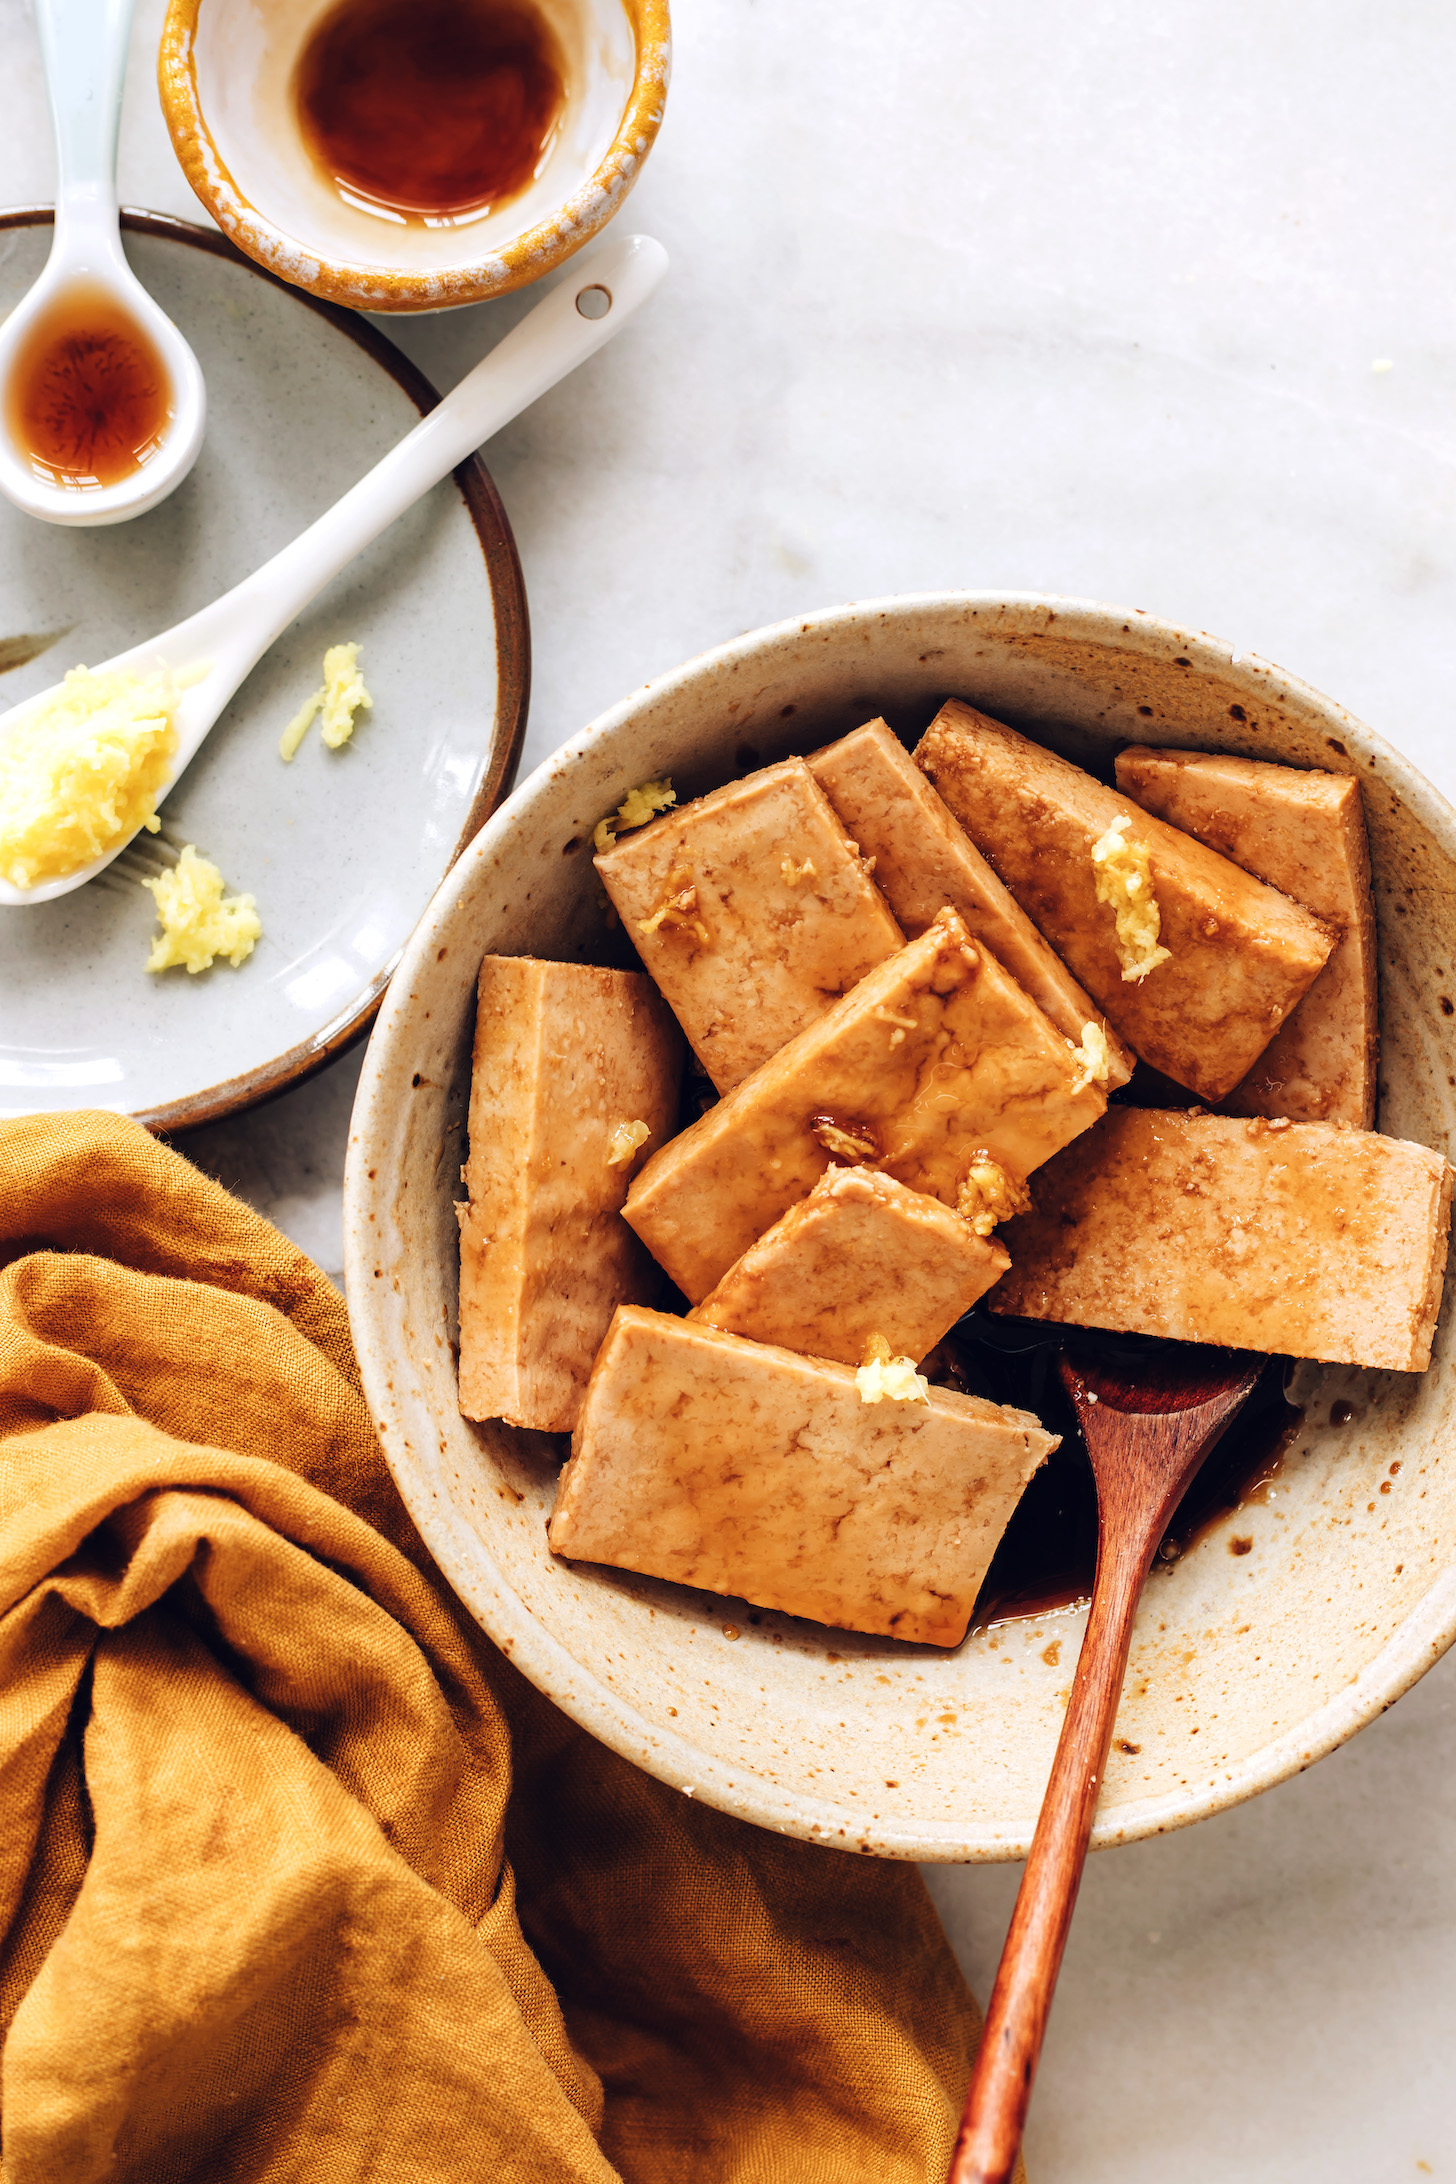 Gingembre, sirop d'érable et huile de sésame à côté d'un bol de tofu mariné au gingembre